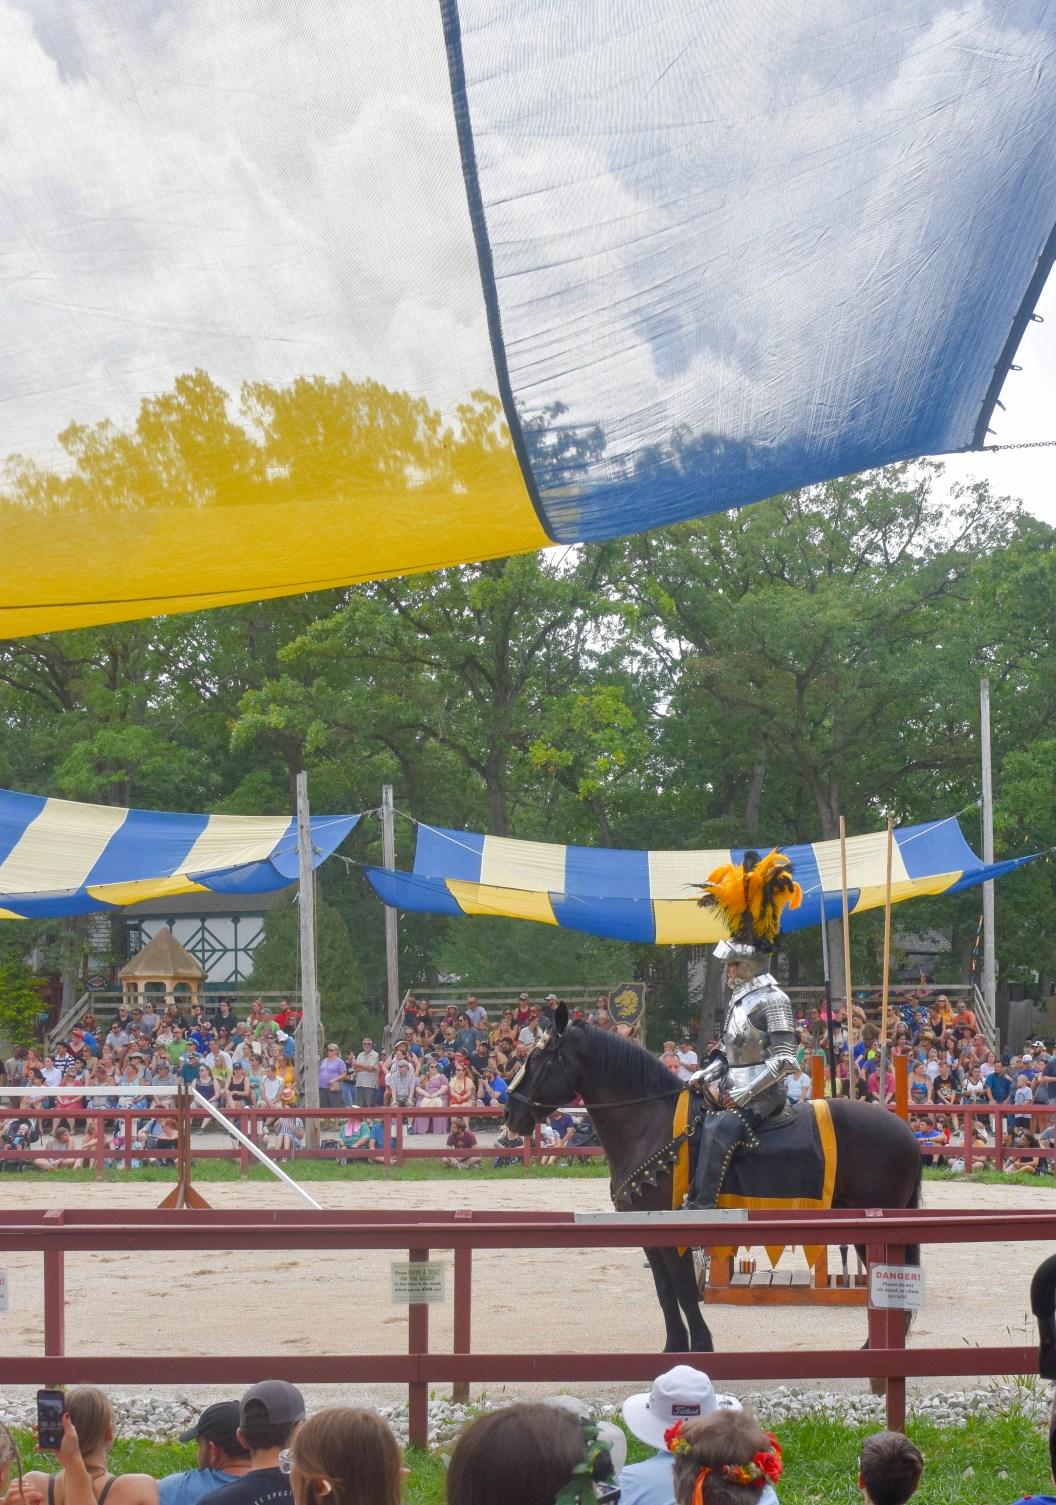 Bristol Renaissance Fair's joust tournament